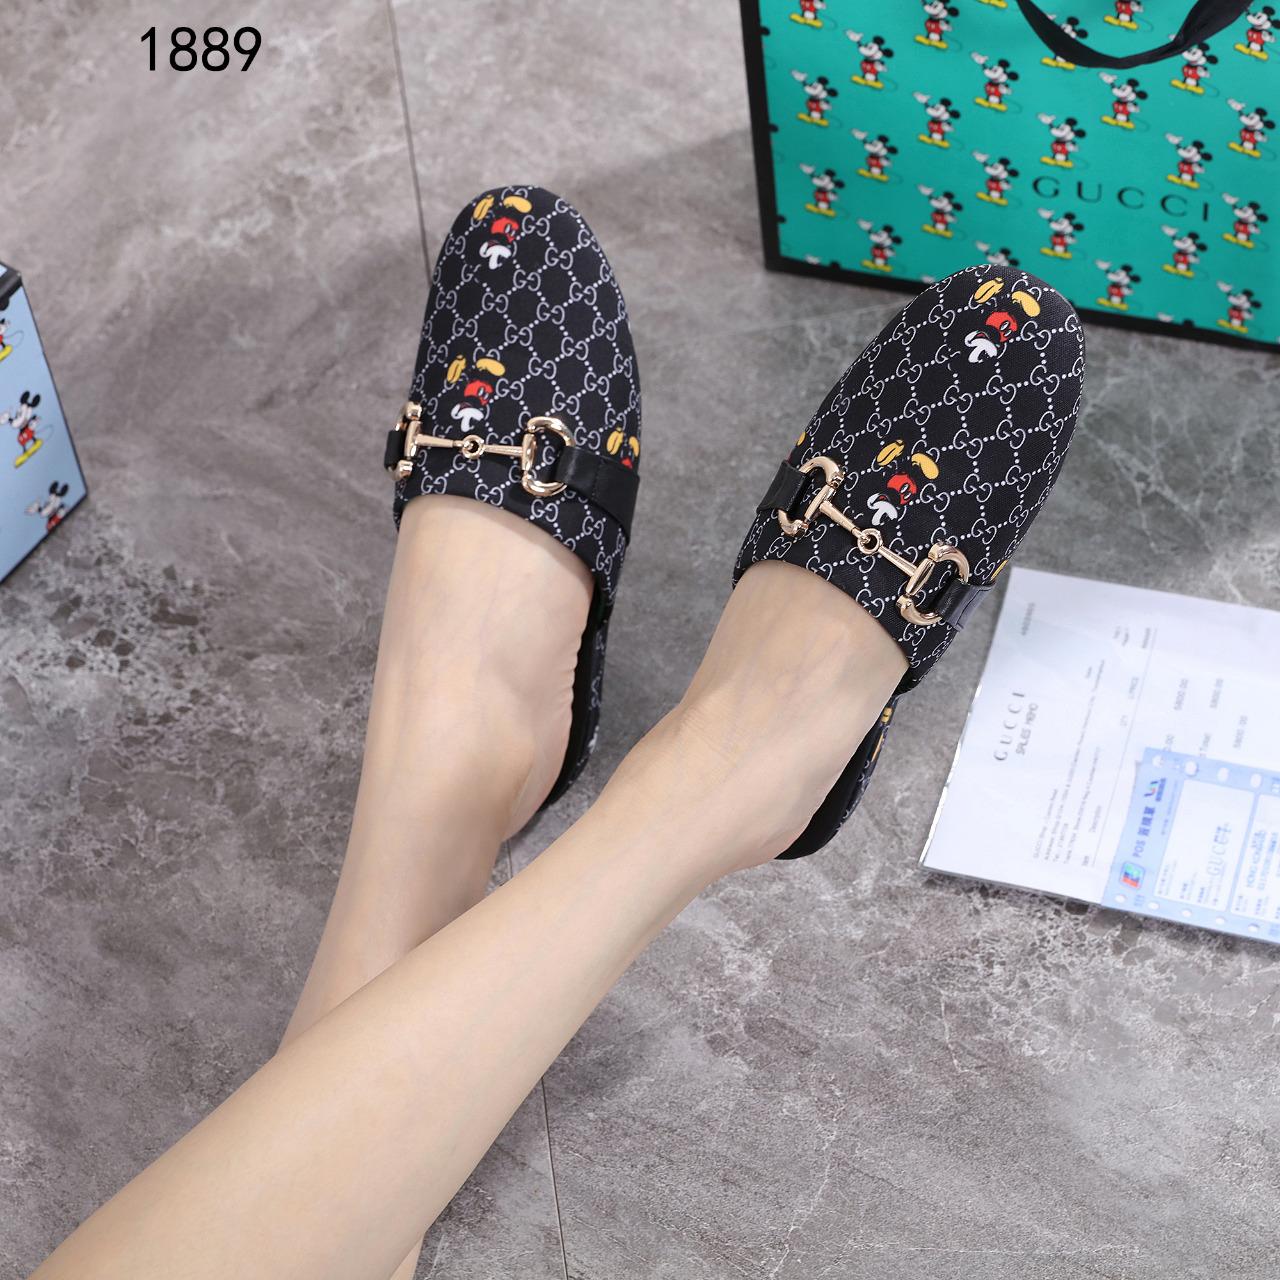 sepatu gucci branded terbaru 2020 2021 2022